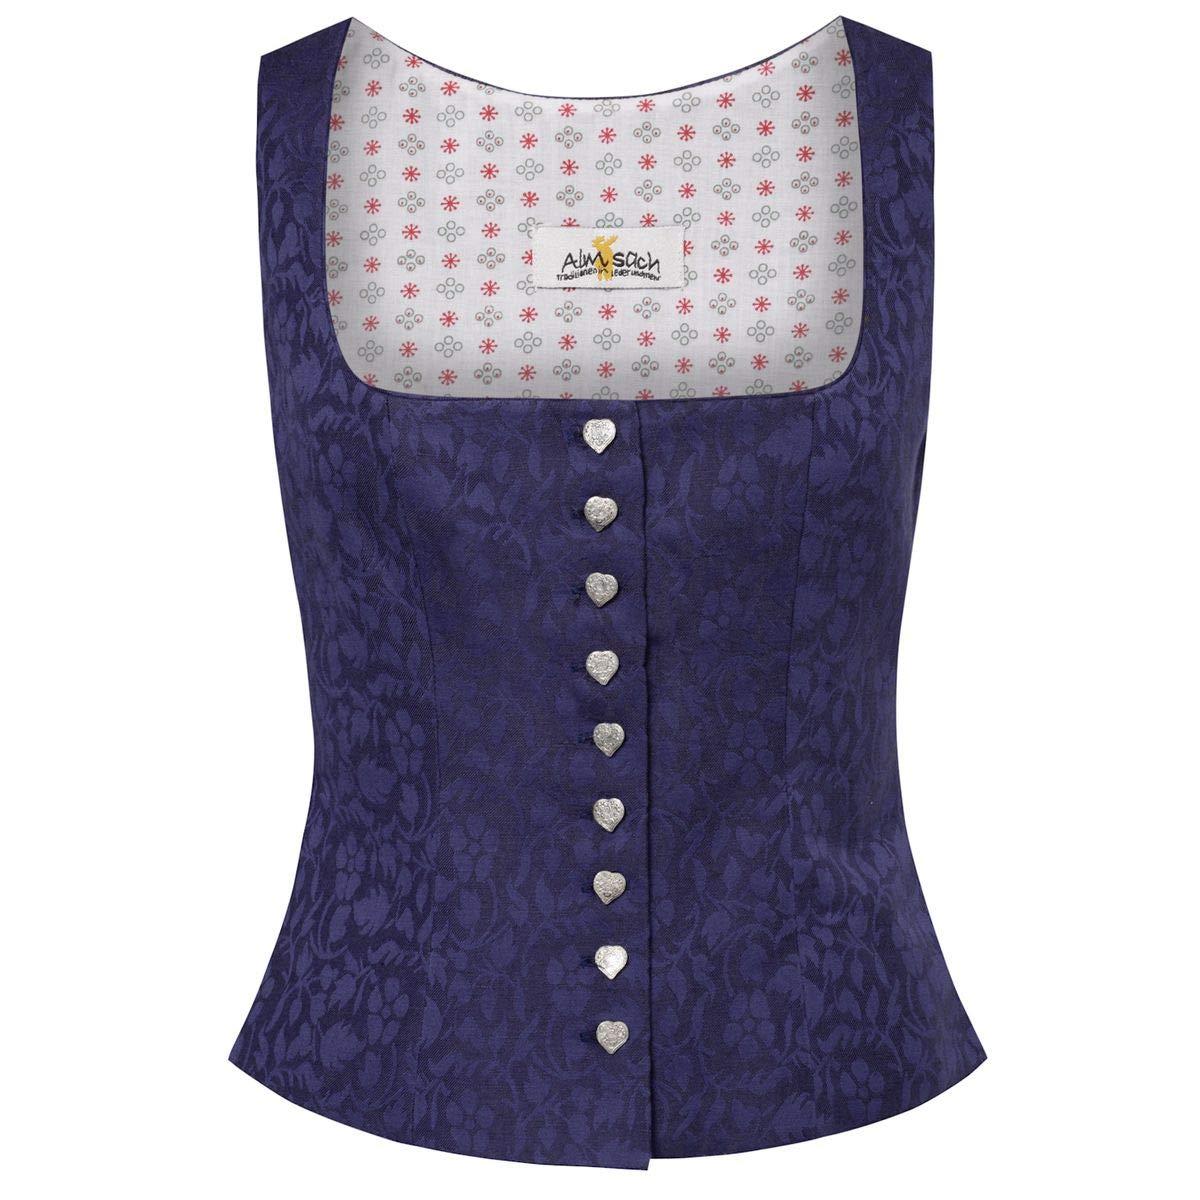 Almsach Damen Trachten-Mode Trachtenmieder Nina in Blau traditionell